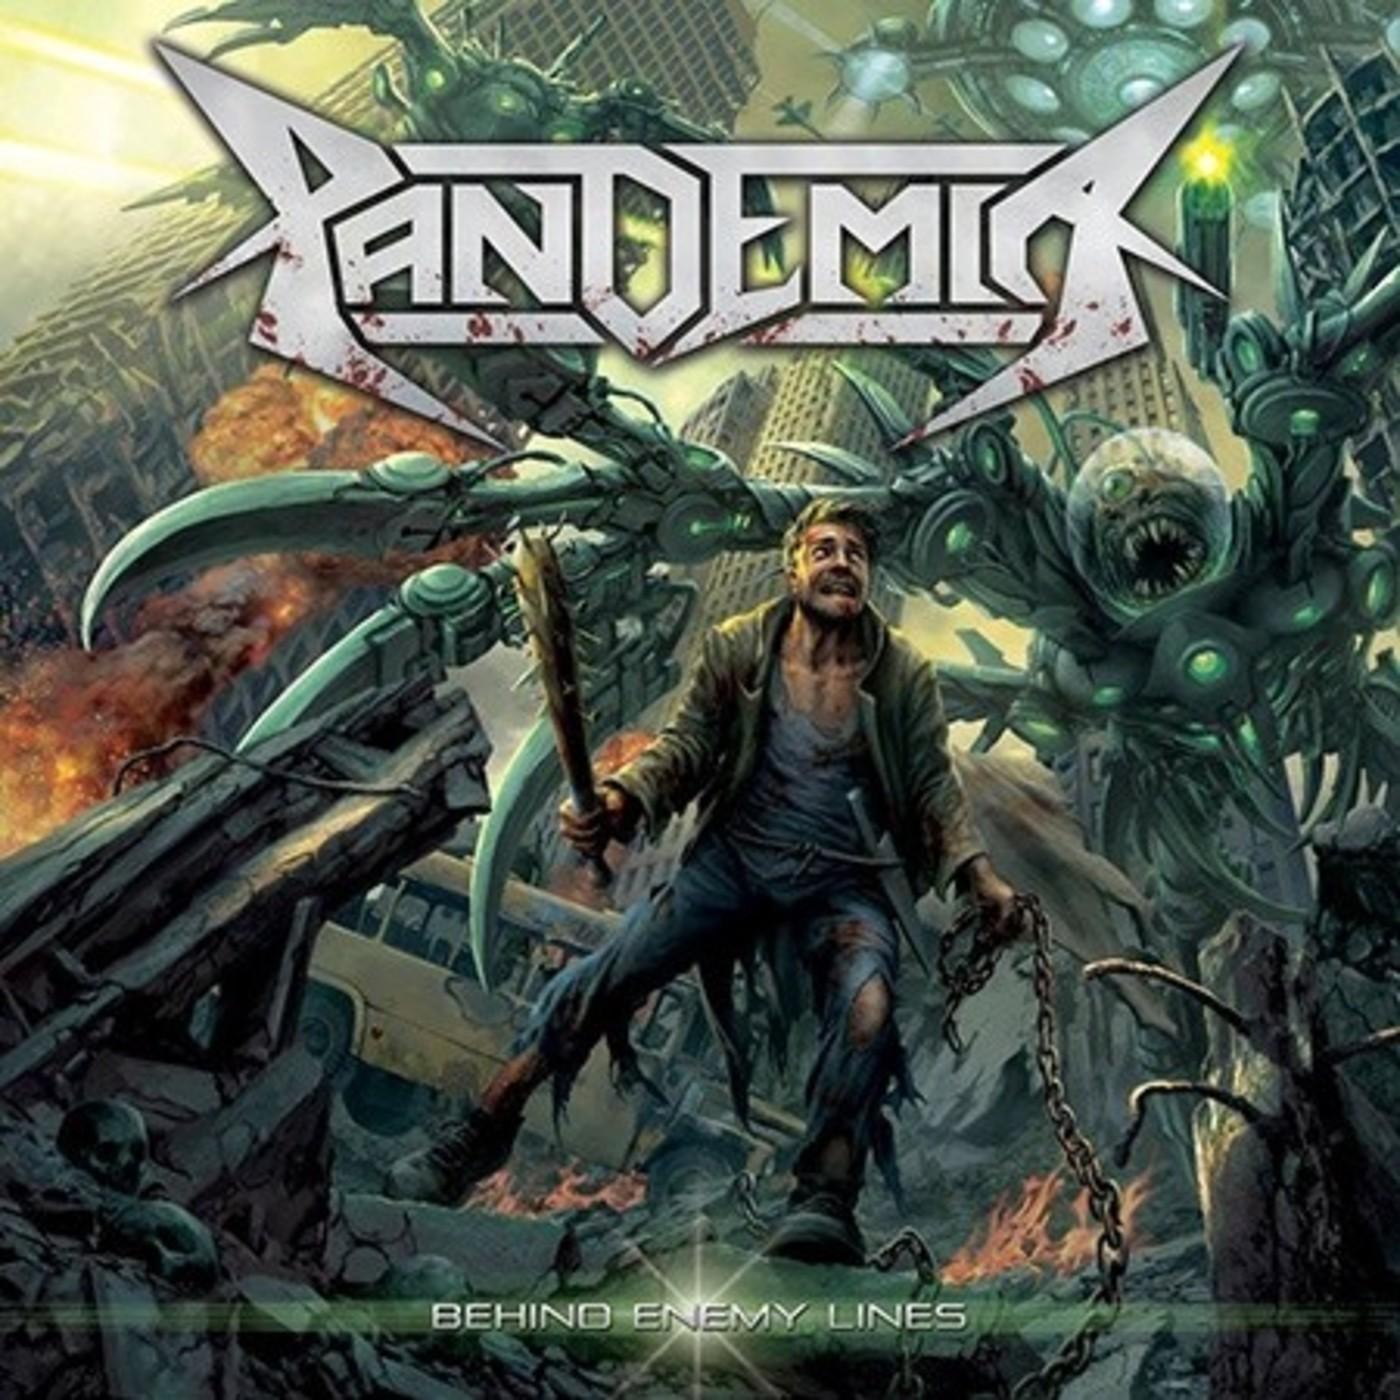 1133 - Pandemia - Insaniam